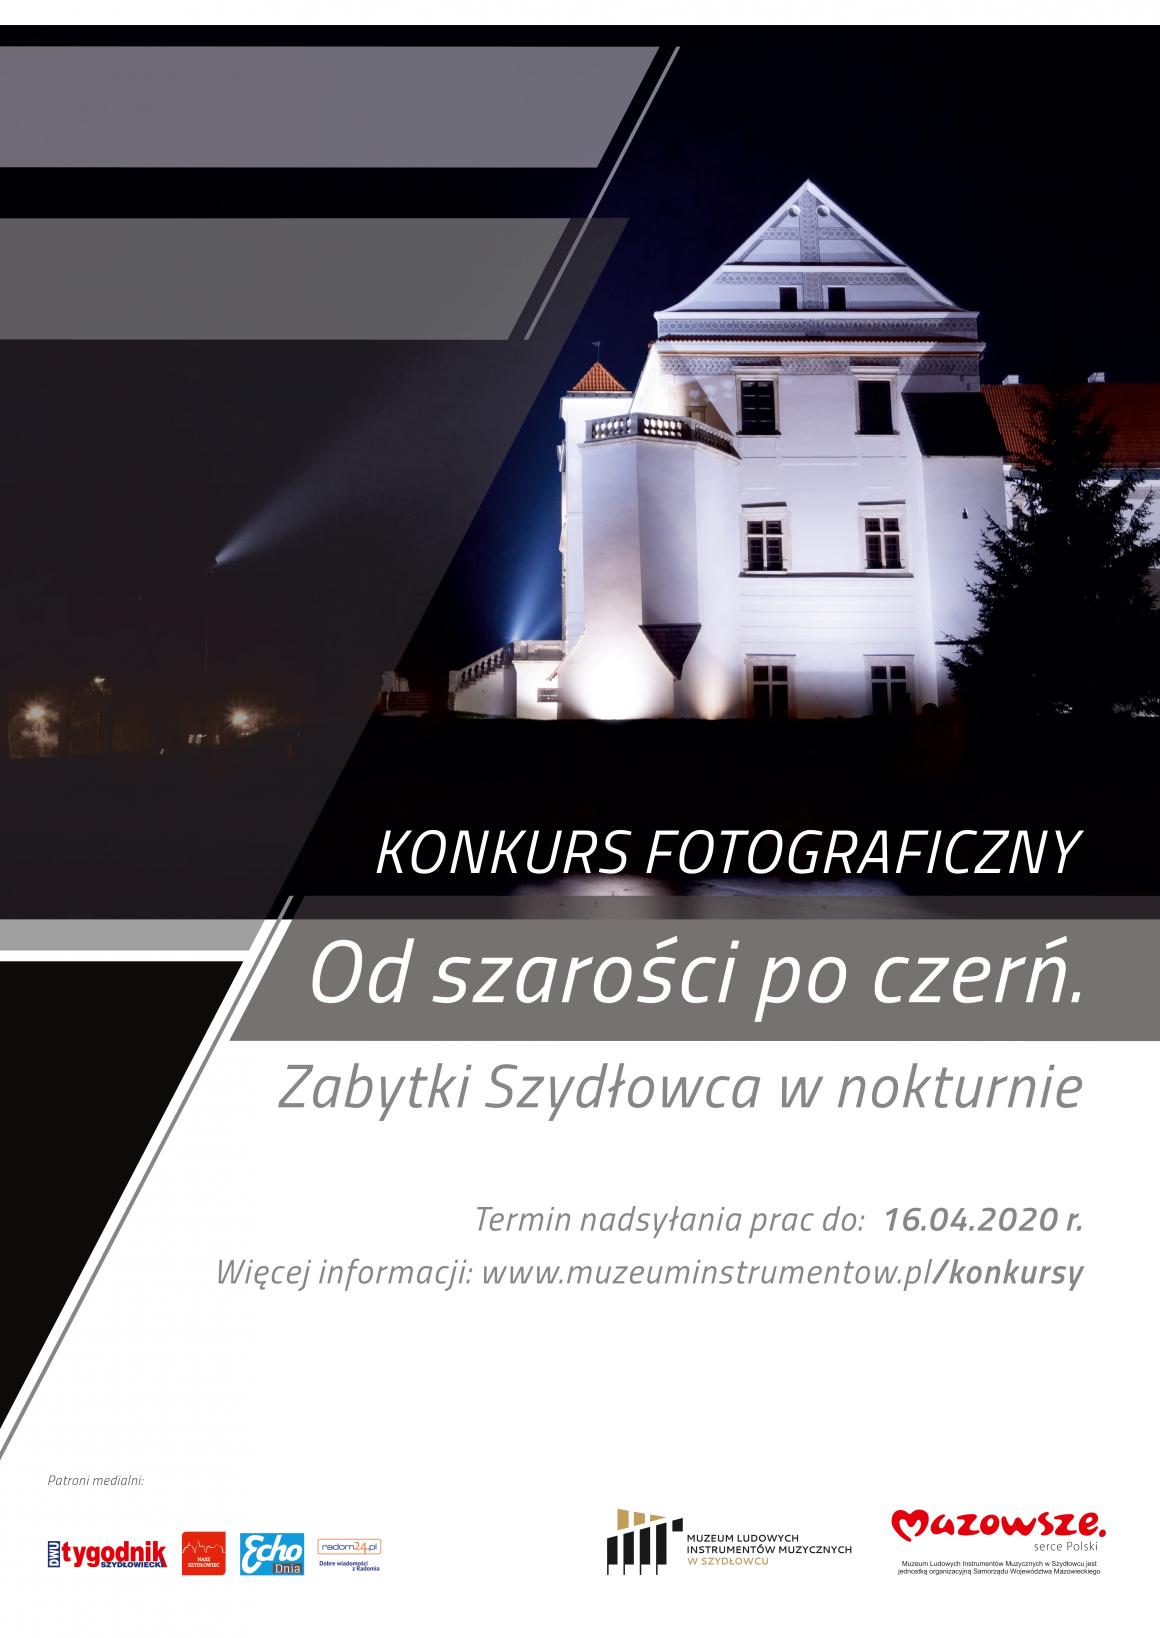 """Konkurs fotograficzny """"Od szarości po czerń. Zabytki Szydłowca w nokturnie"""" – odwołany"""